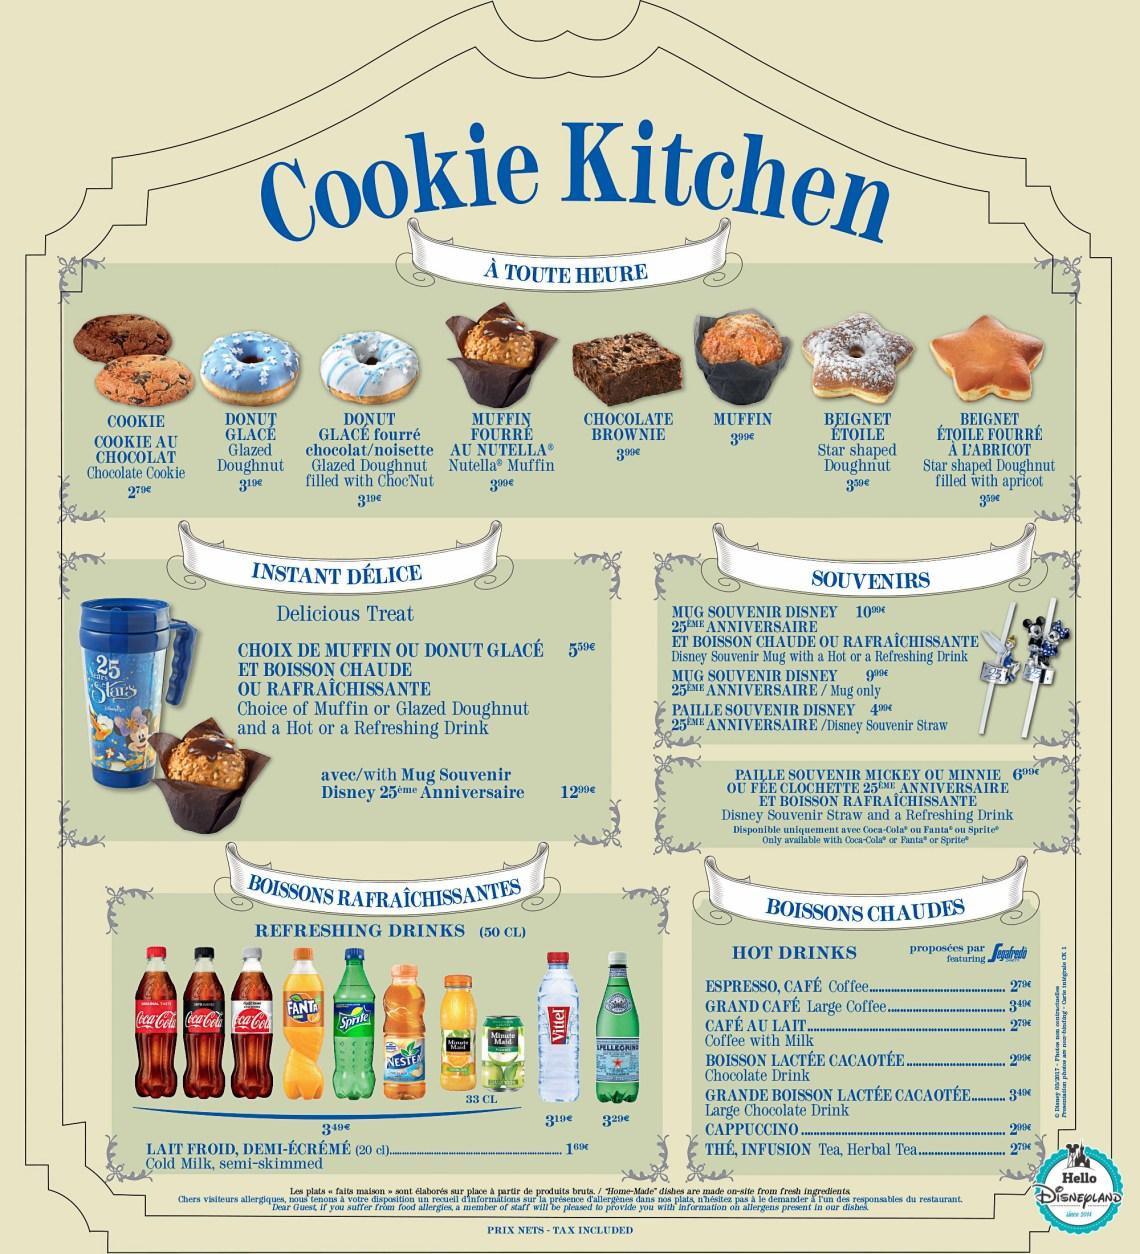 Disneyland-Paris-Restaurant-Menus-2017-cookie-kitchen